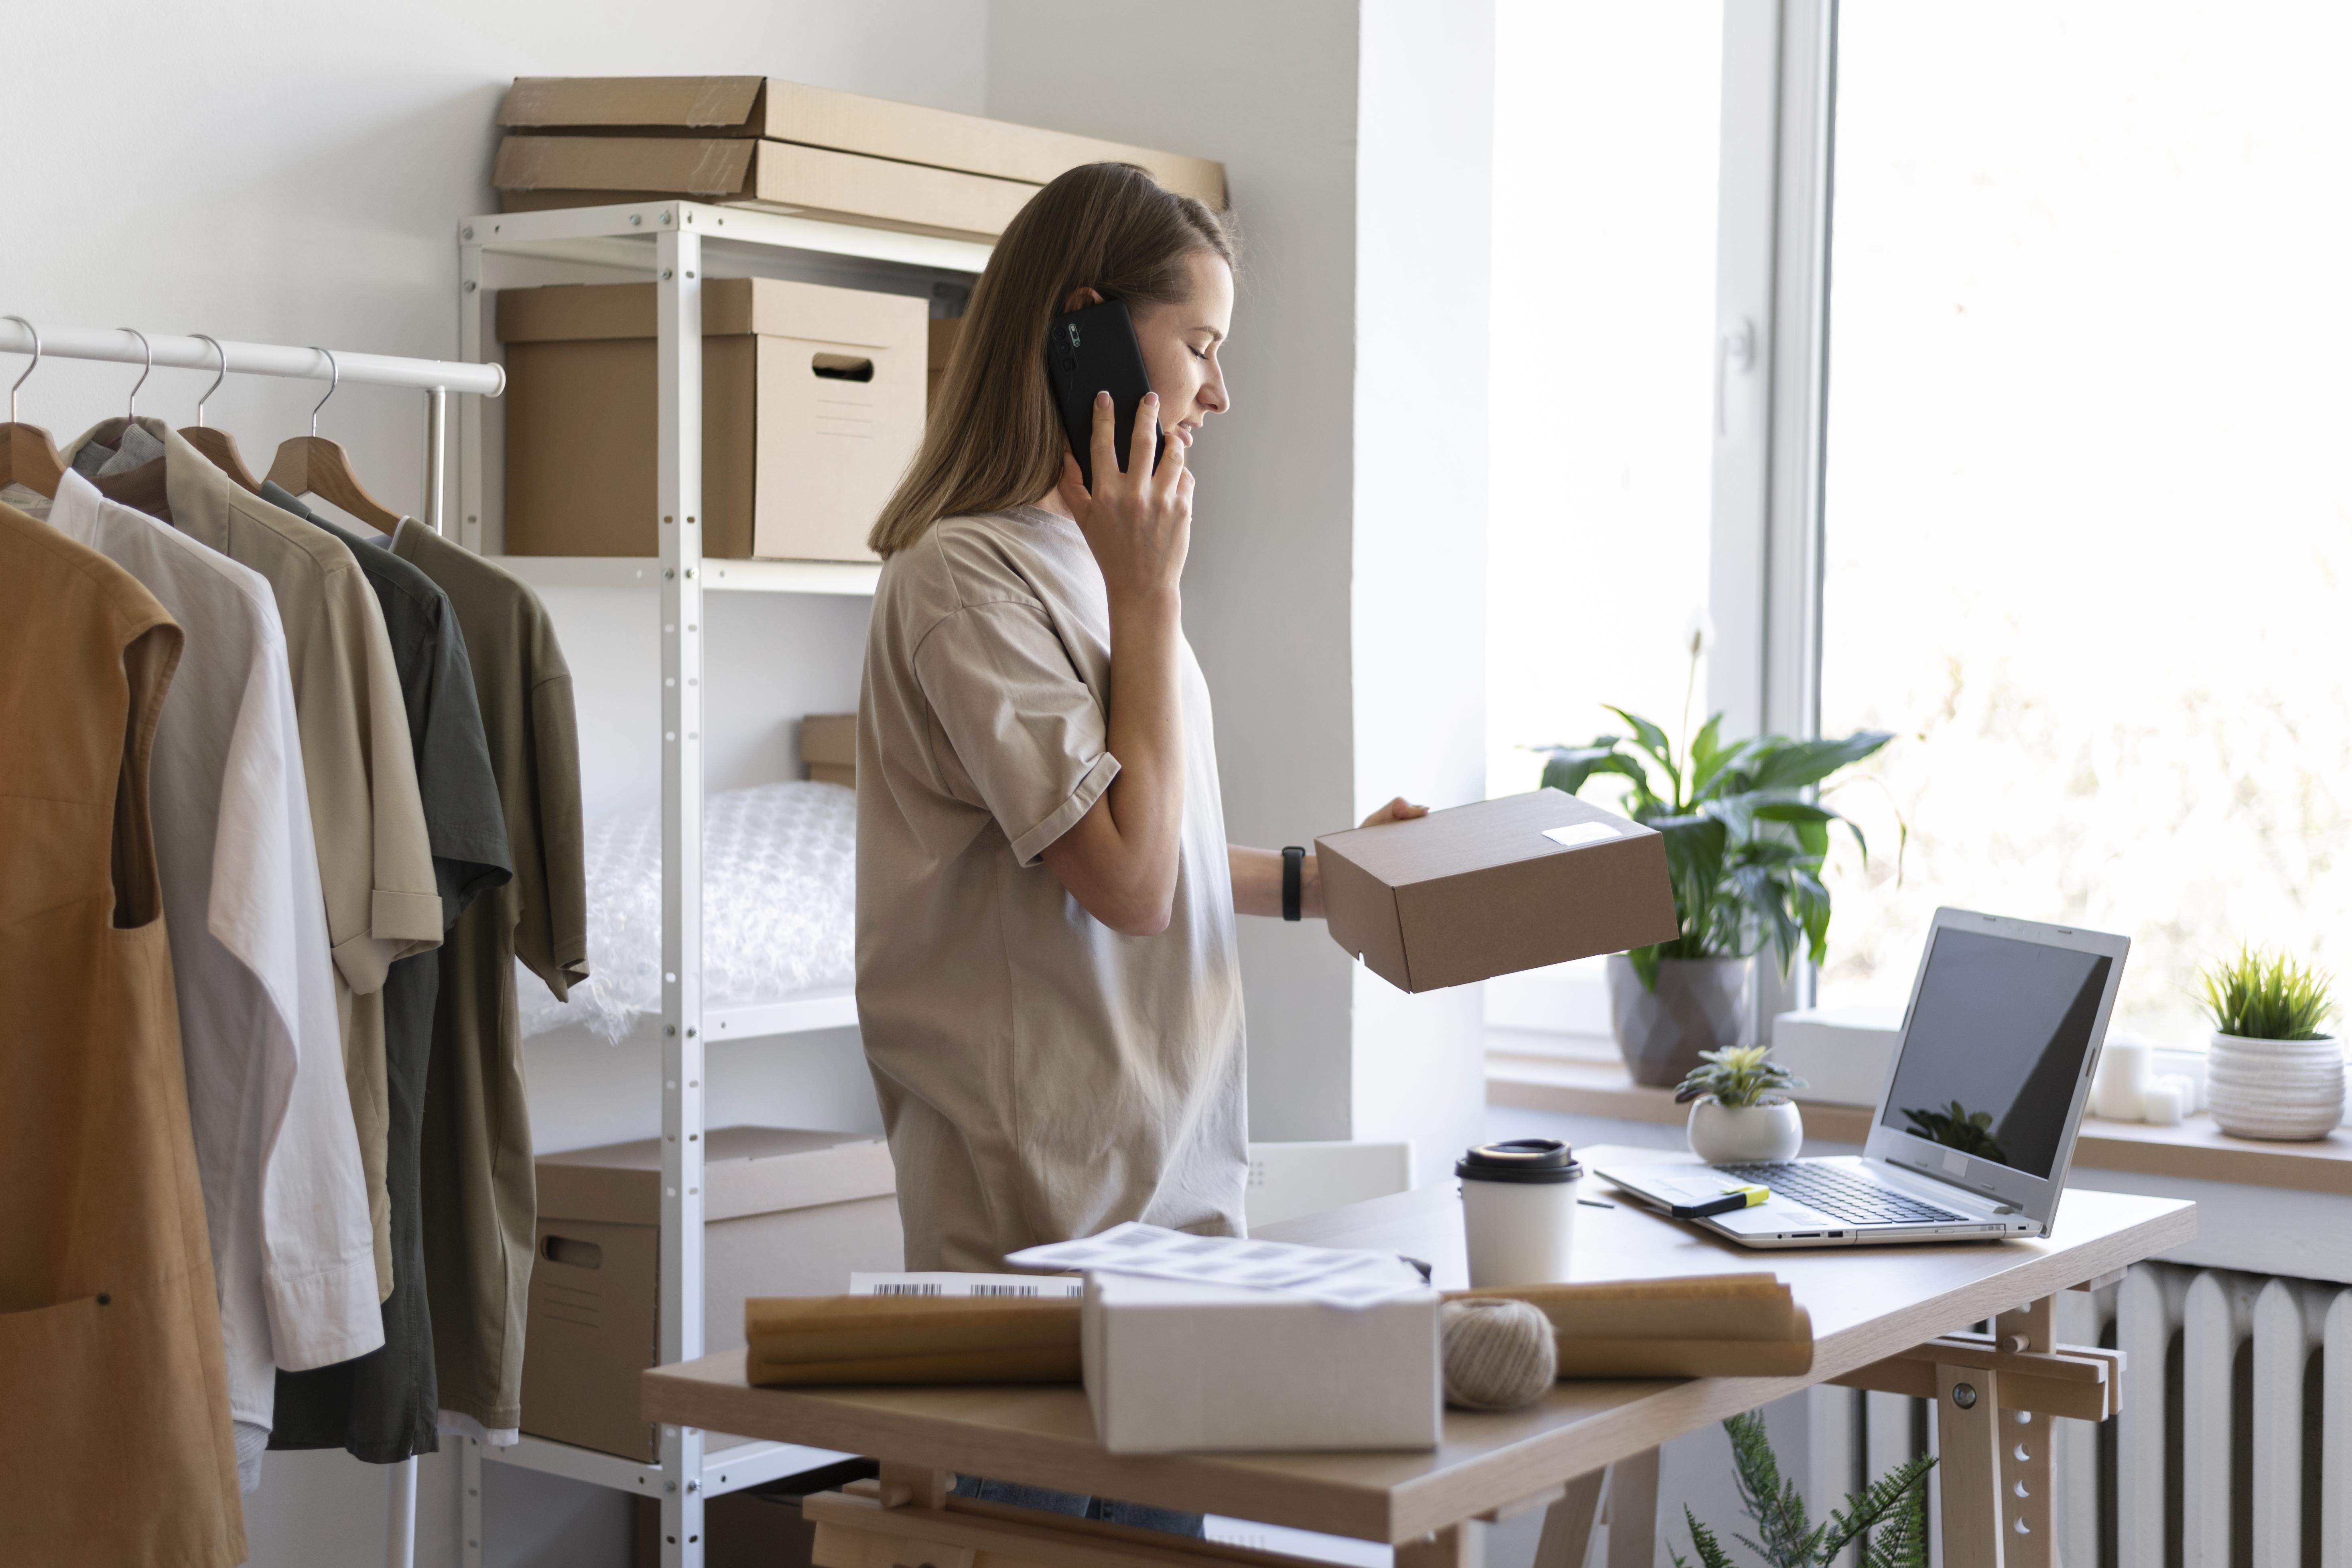 Mujer hablando por teléfono y revisando paquetes de mensajería